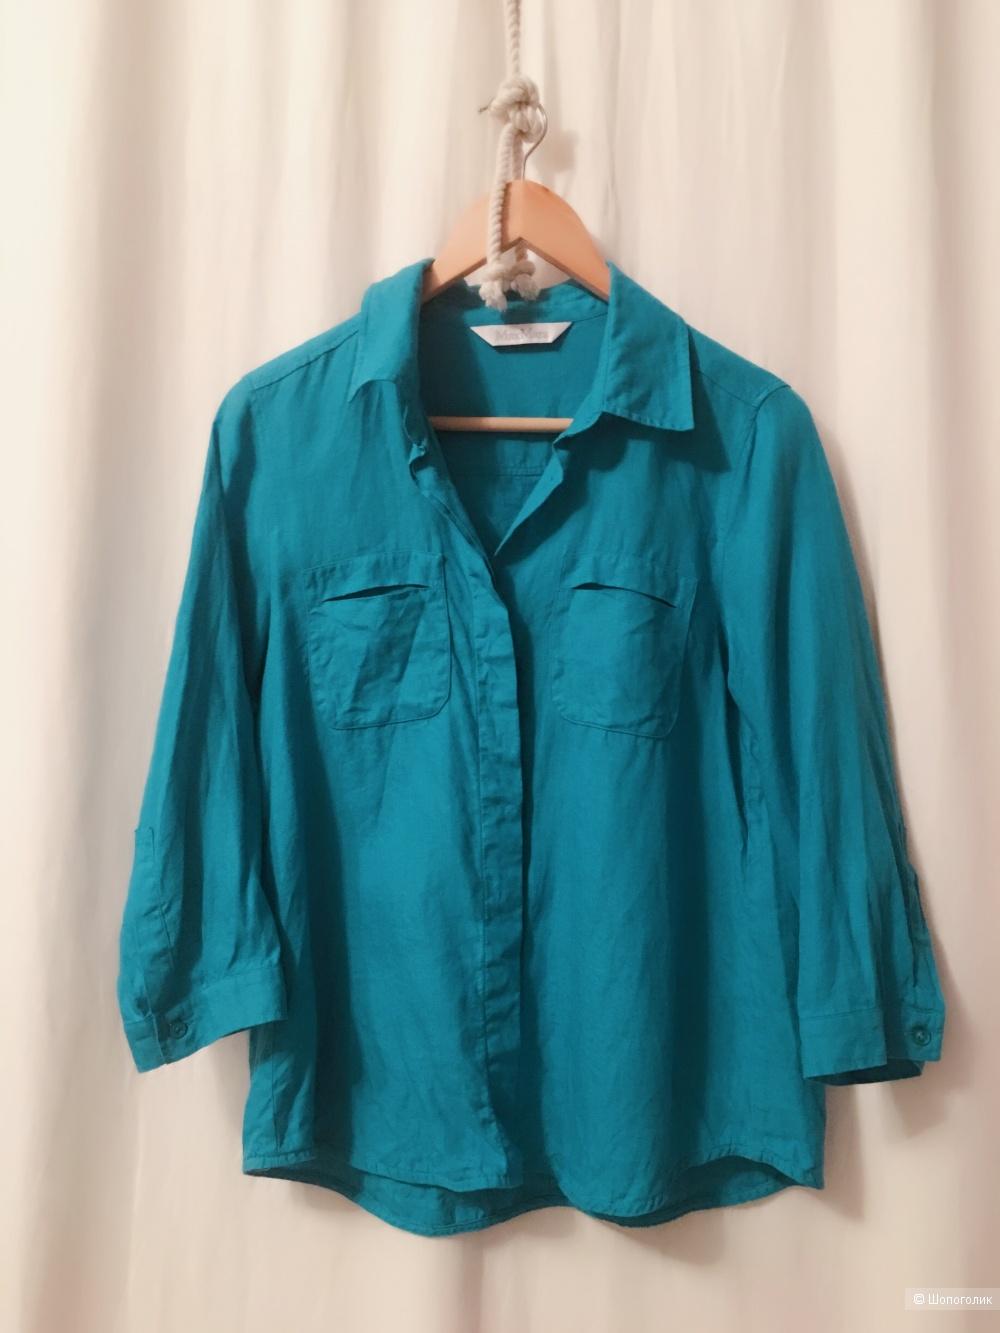 Рубашка Max Mara. Размер М.